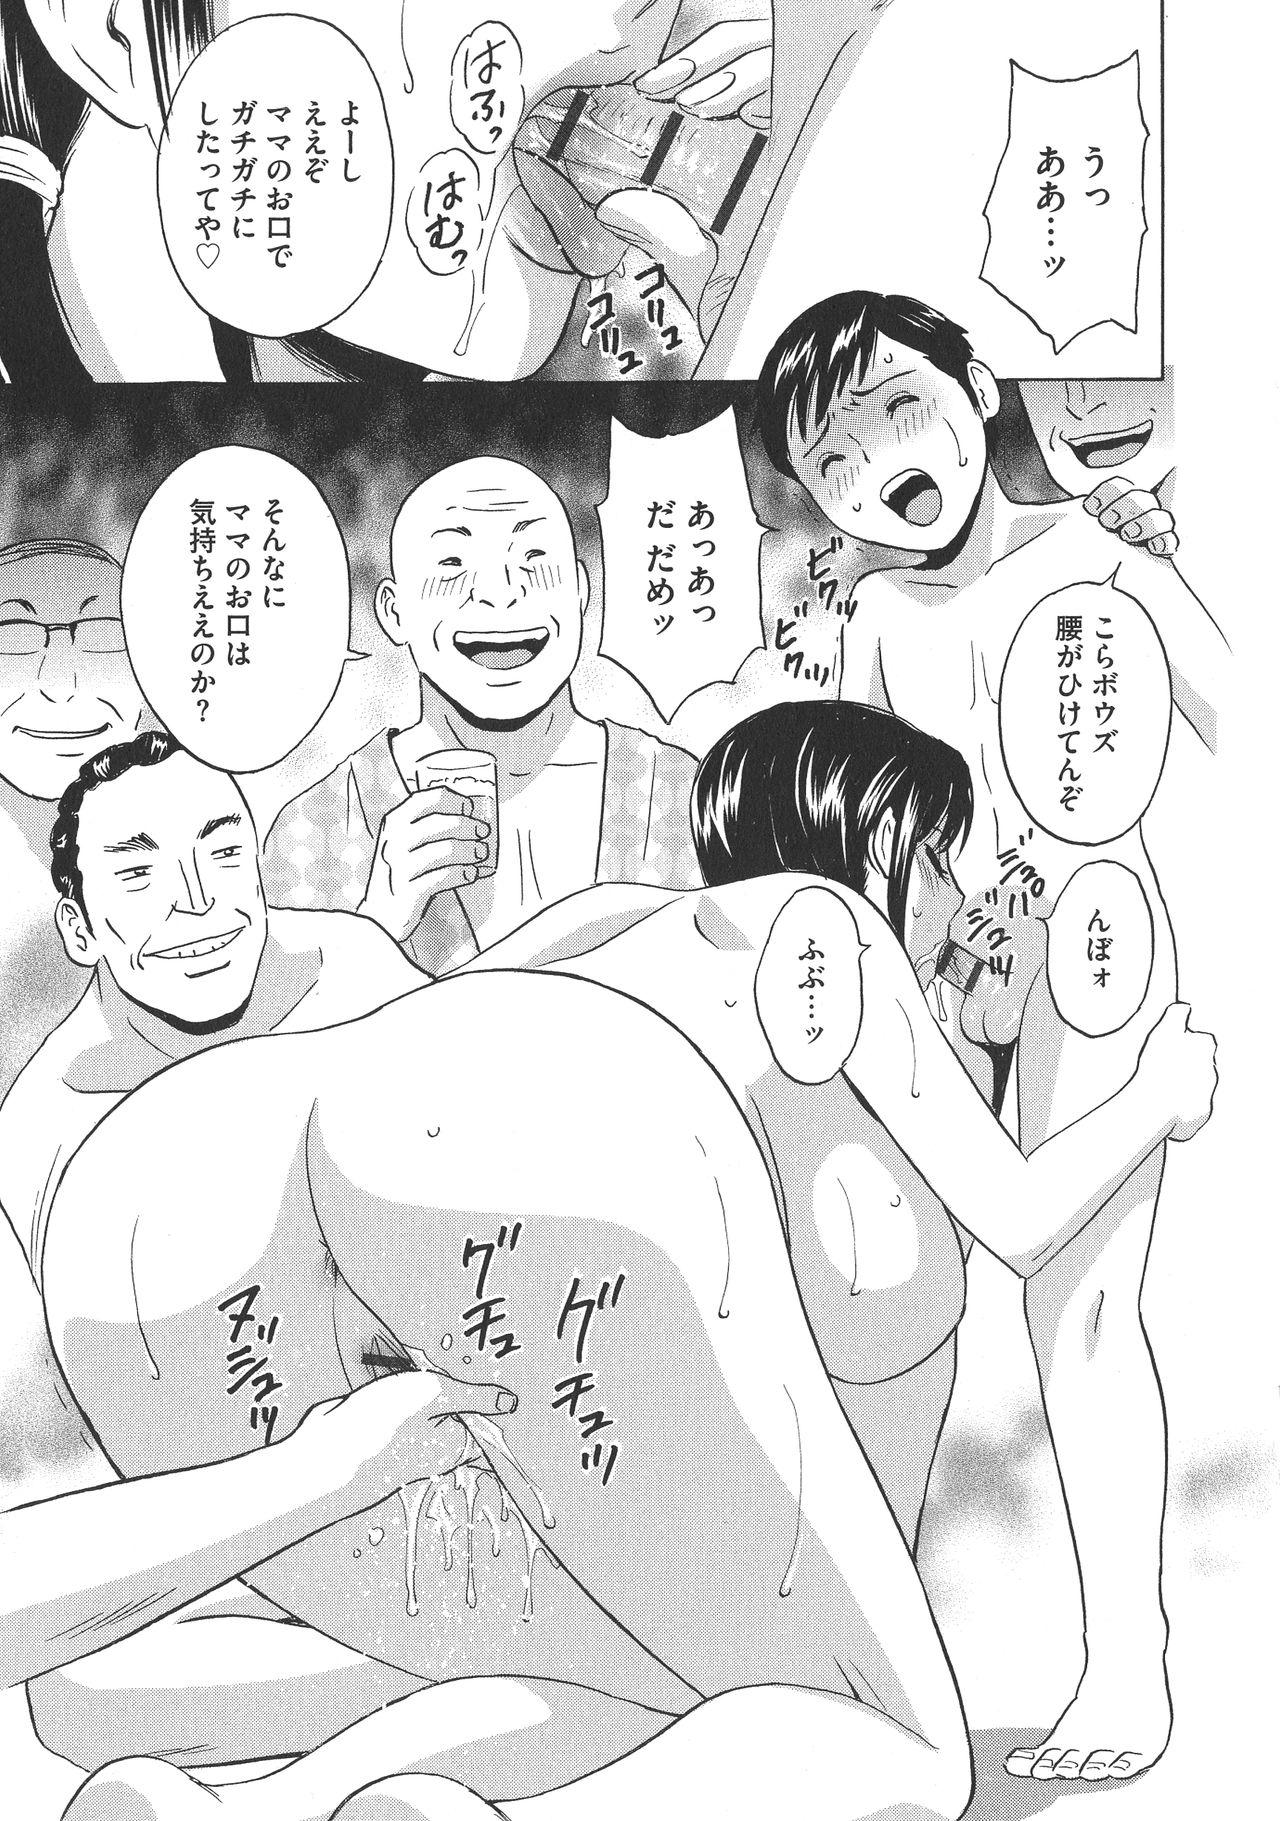 Chijoku ni Modaeru Haha no Chichi… 170